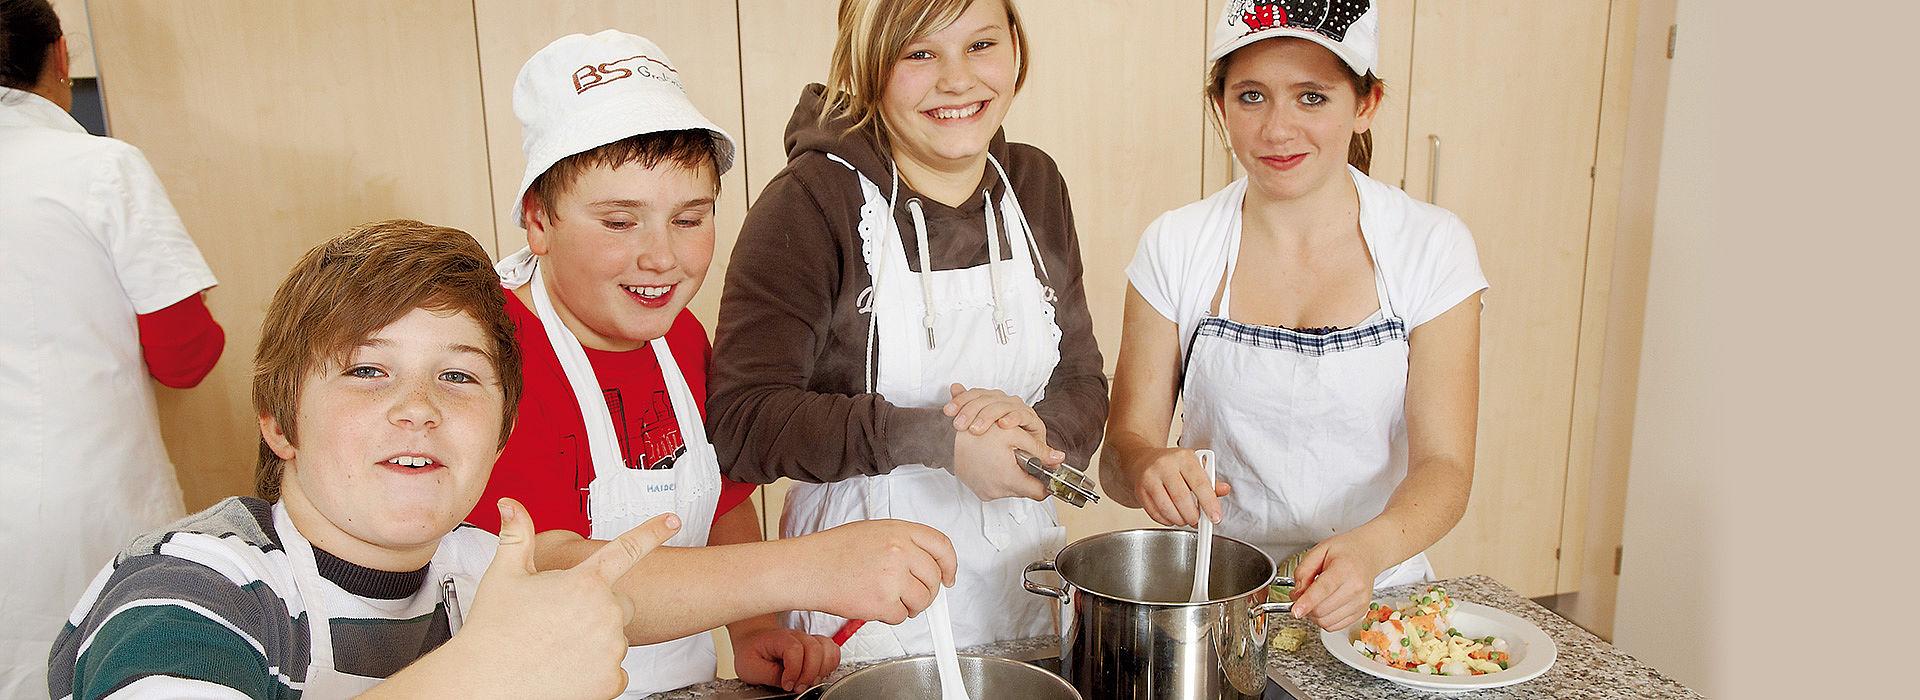 Bild: Schüler haben Spaß beim Kochen in der Lernküche